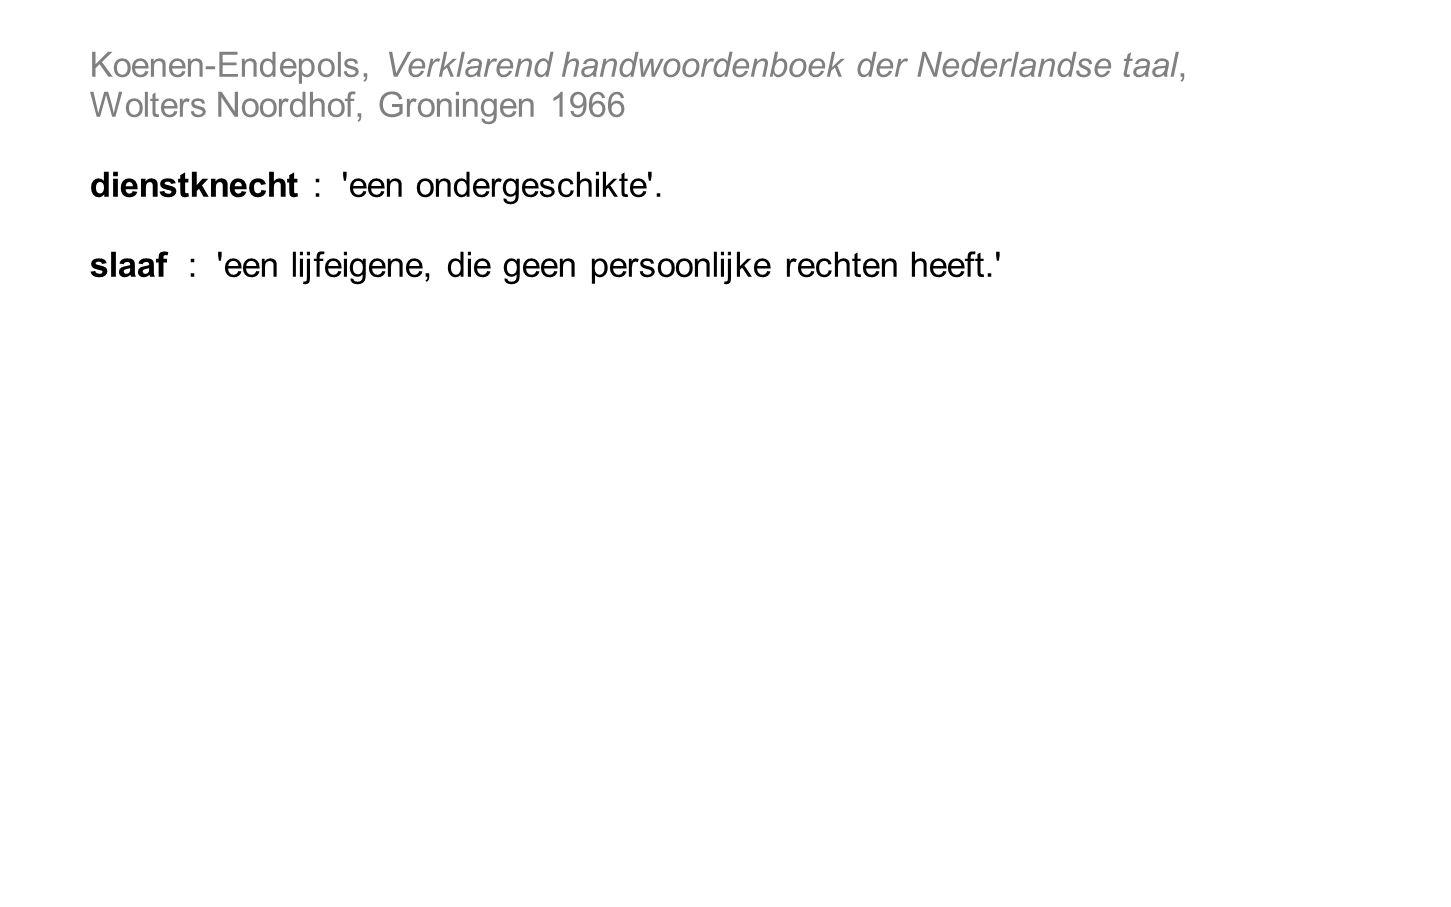 Koenen-Endepols, Verklarend handwoordenboek der Nederlandse taal, Wolters Noordhof, Groningen 1966 dienstknecht : een ondergeschikte .